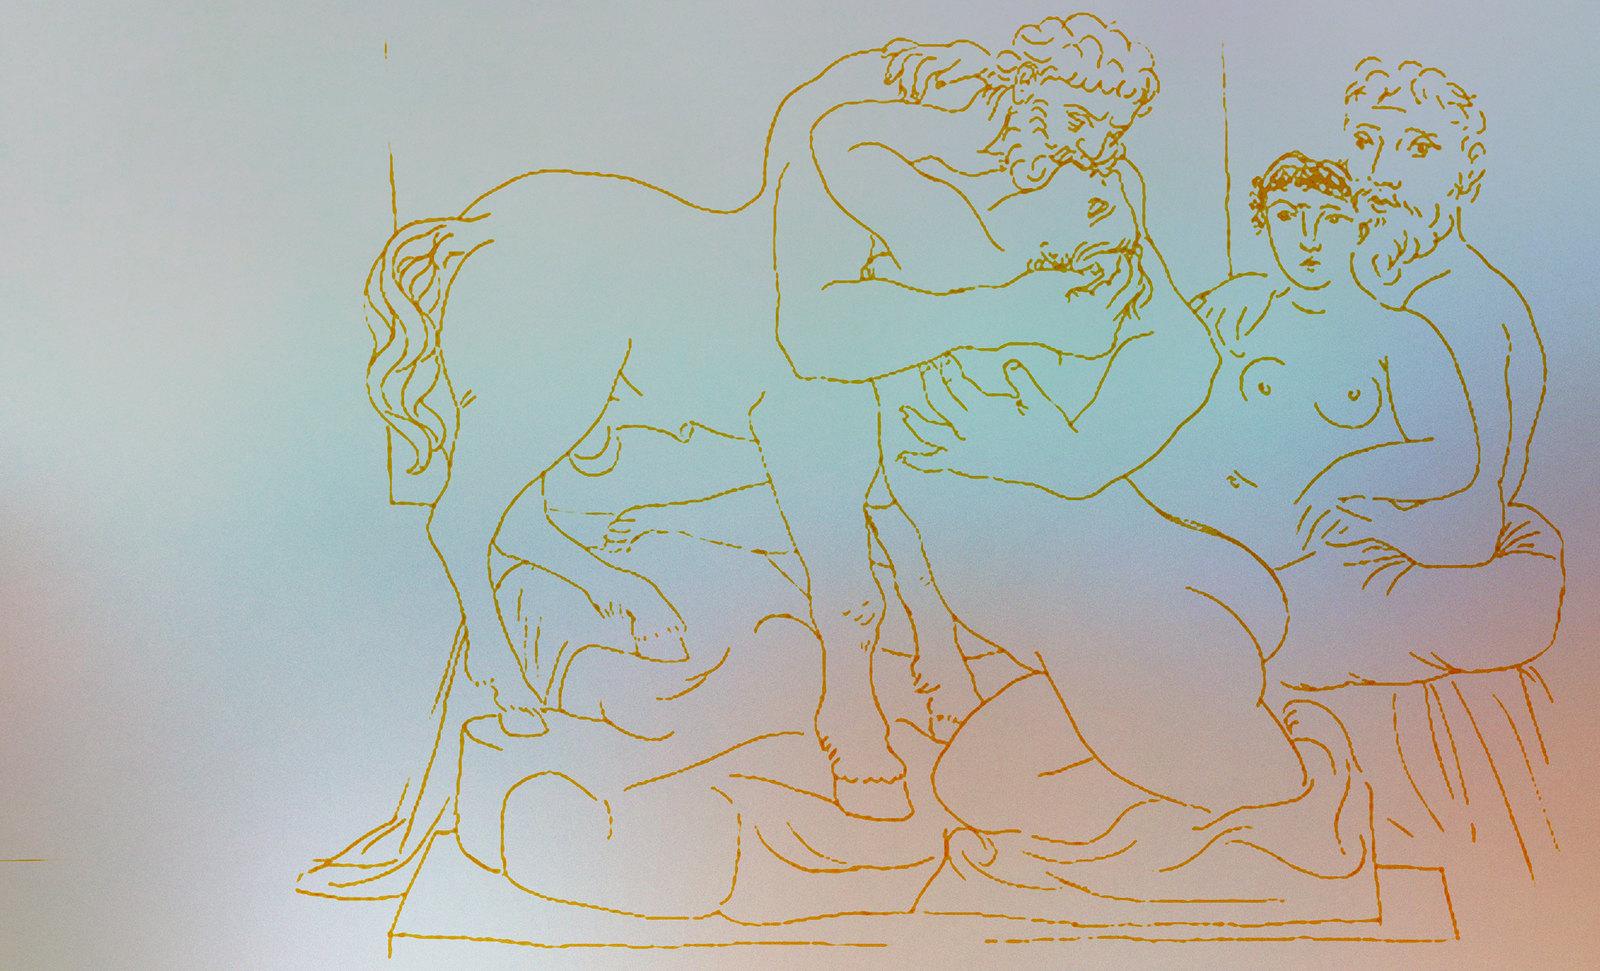 59Pablo Picasso